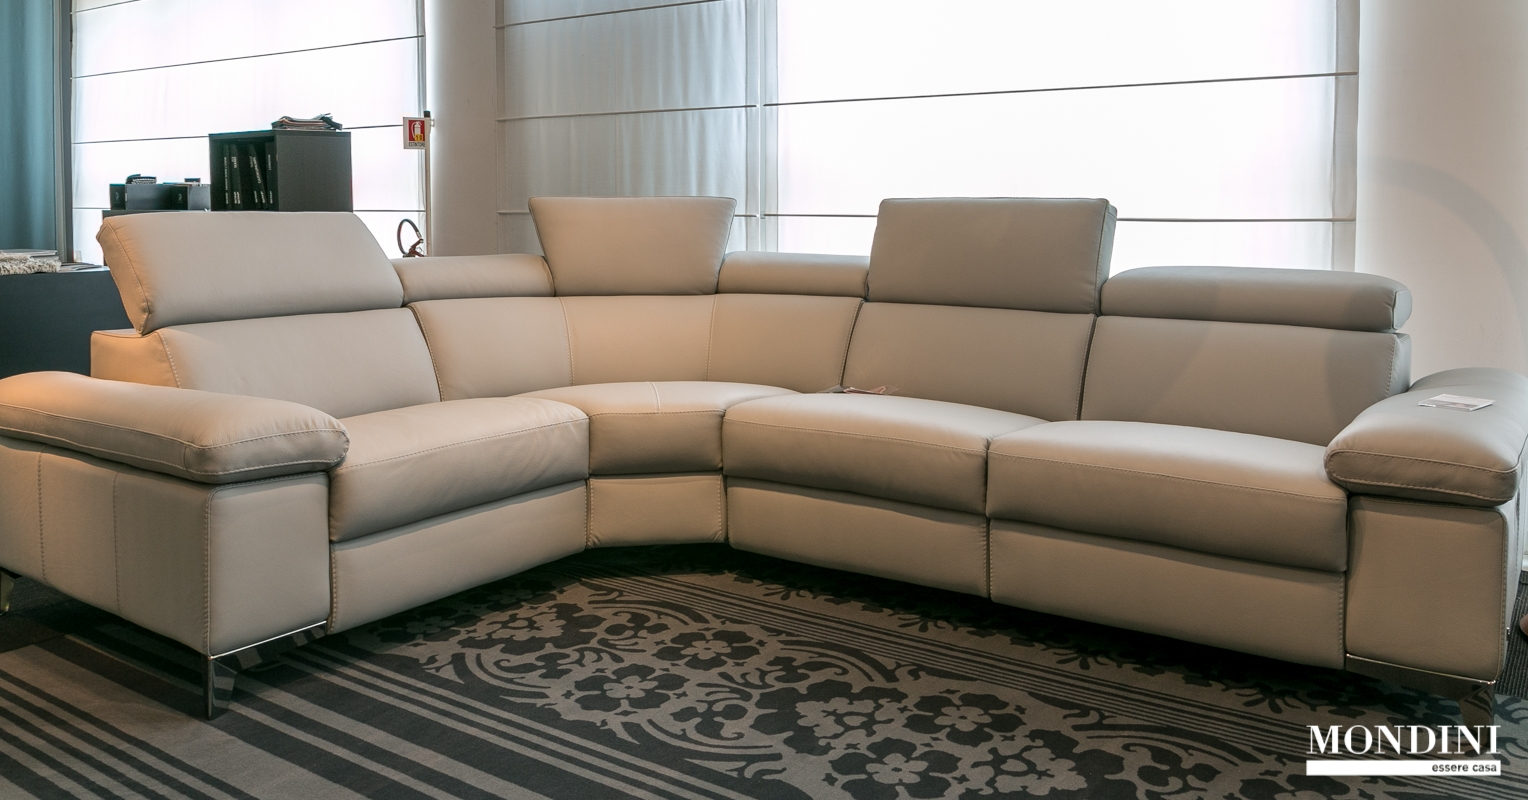 Fodere per divani ad angolo idee per il design della casa - Fodere per divani ikea ...